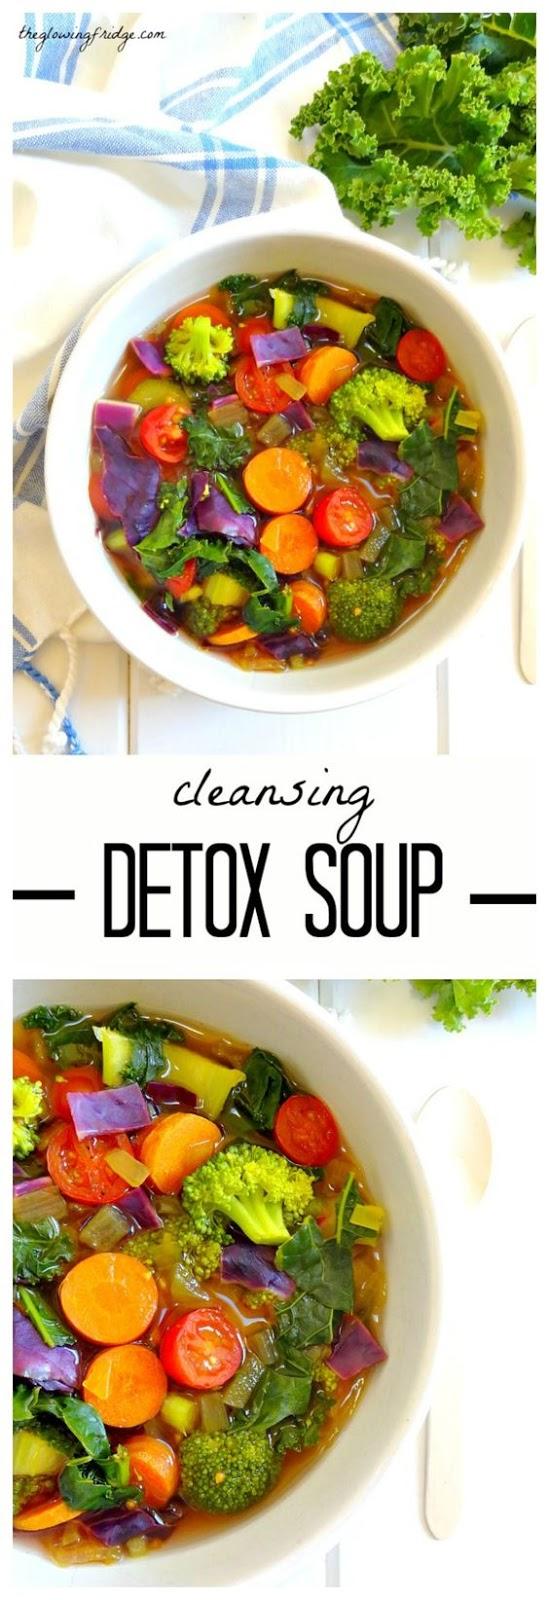 Cleansing Detox Soup #soup #souprecipes #healthysouprecipes #cleansingdetoxsoup  #healthysoup